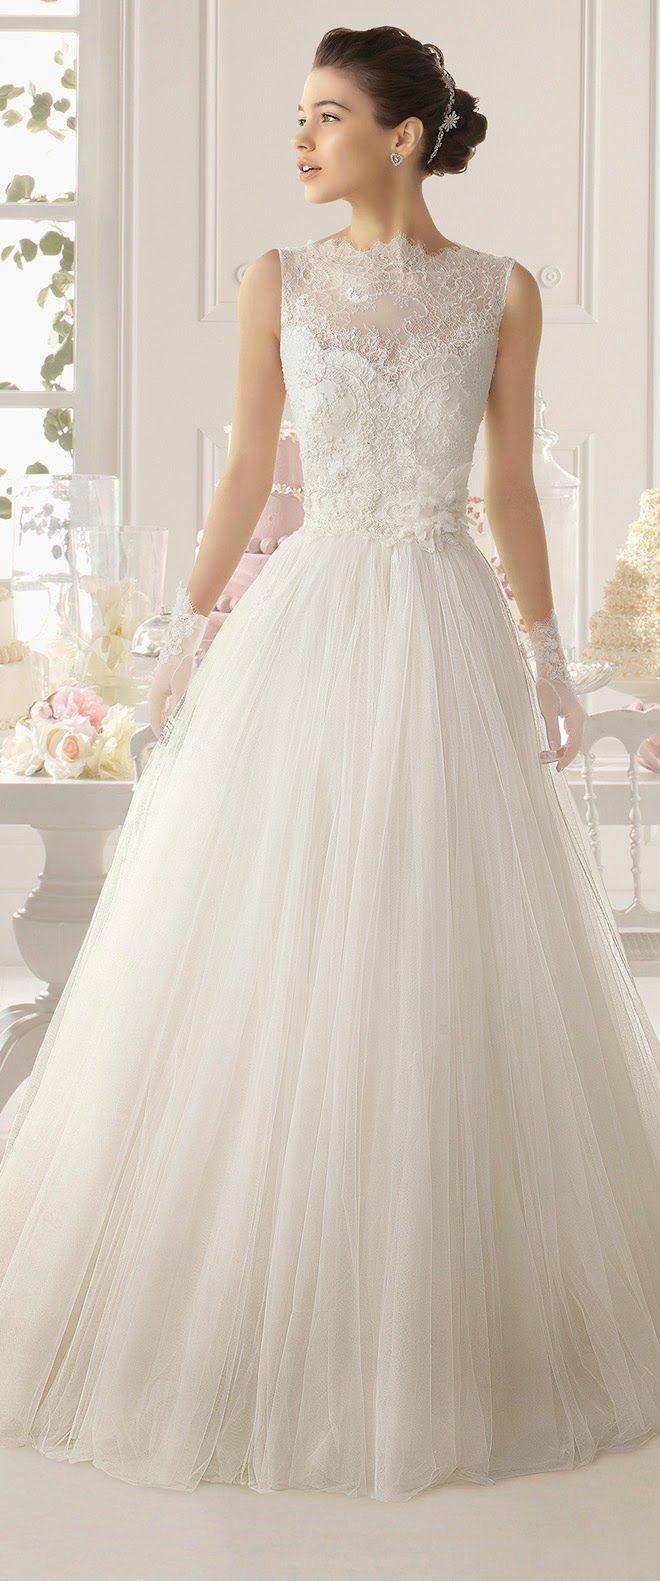 jolie robe pas cher pour une mariée dans le 87